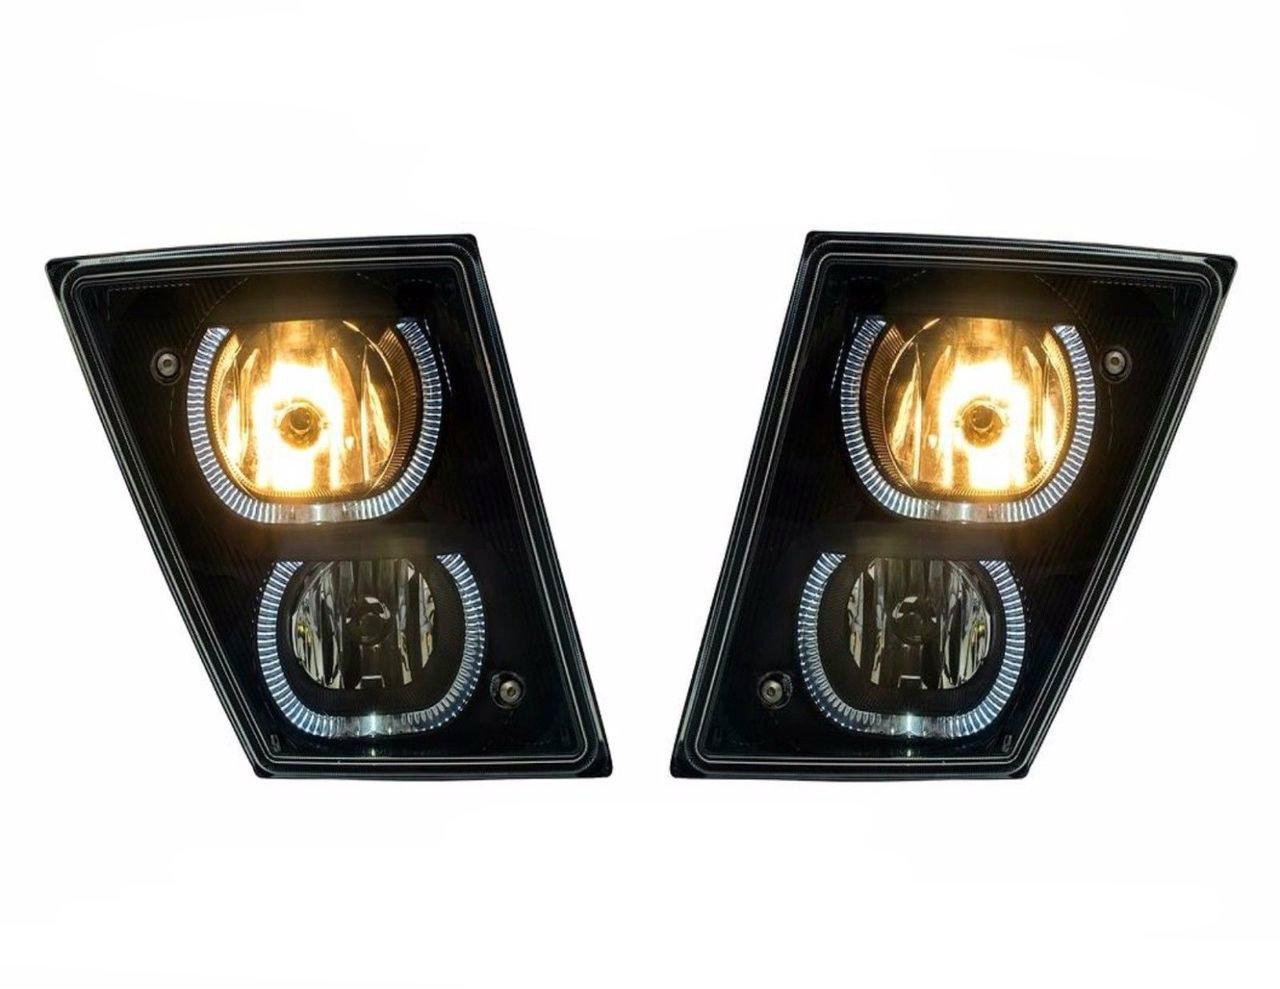 Volvo VN/VNL (Black) Fog Driving Lights With White LED Light Bars (Pair) 2004 & Newer